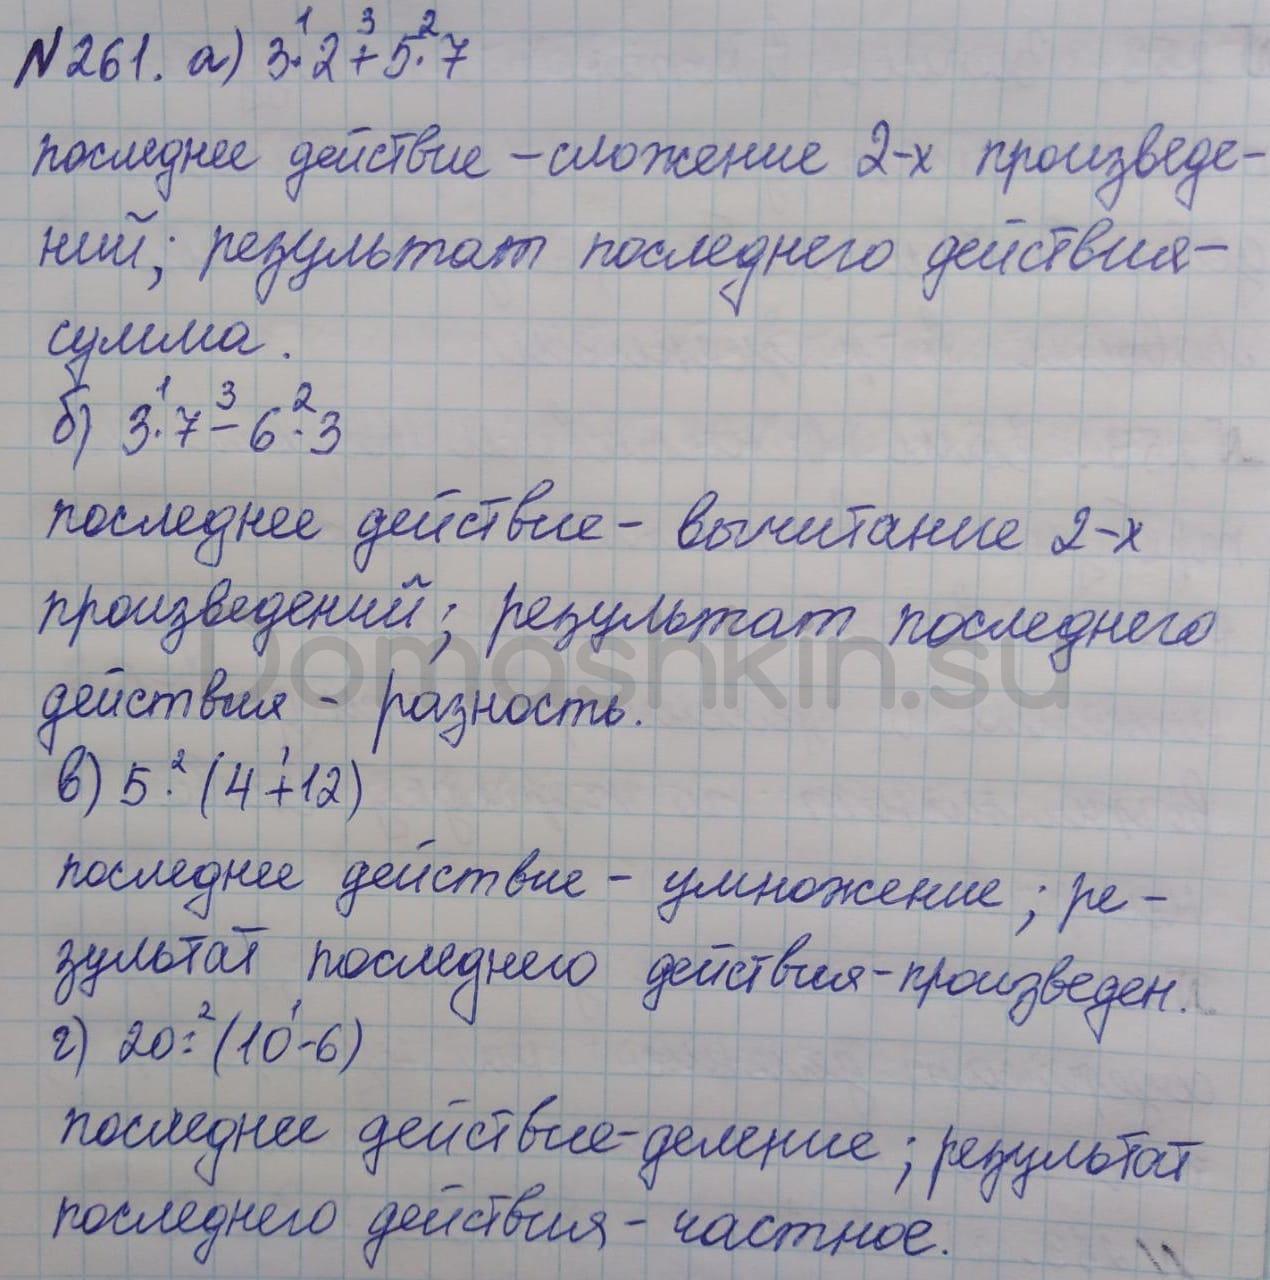 Математика 5 класс учебник Никольский номер 261 решение